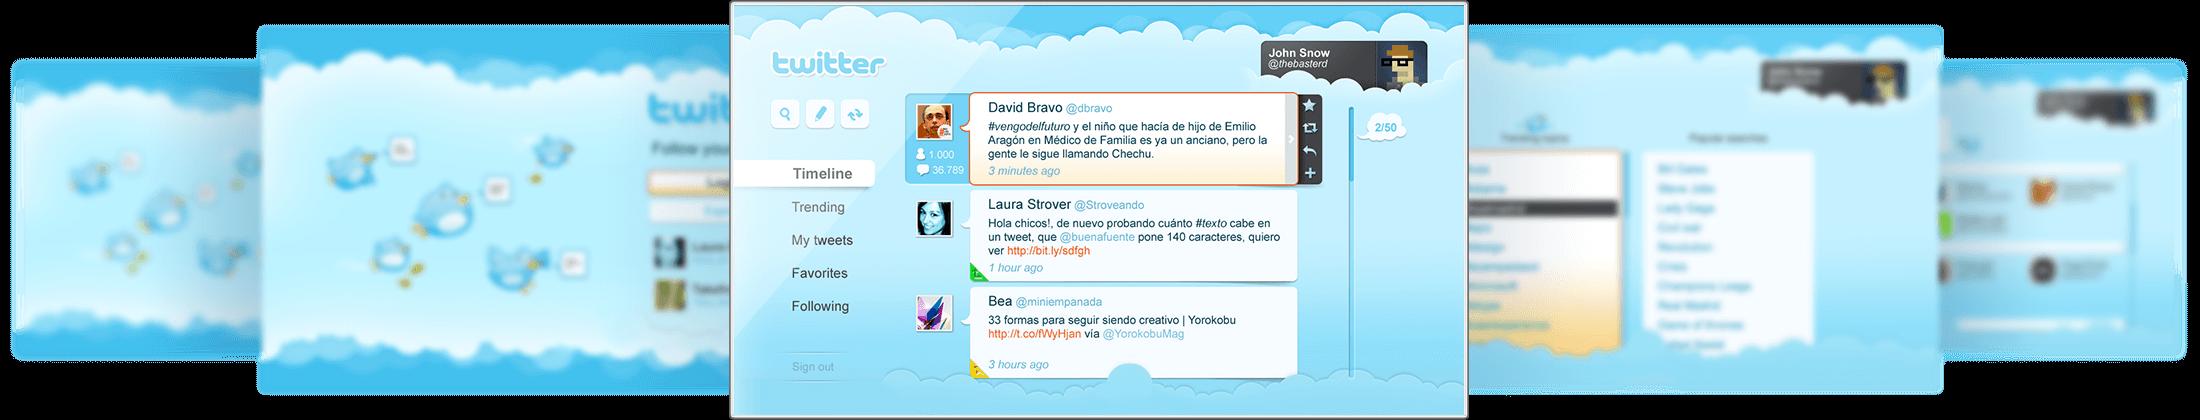 Twitter App for Smart TV - Rigostudios